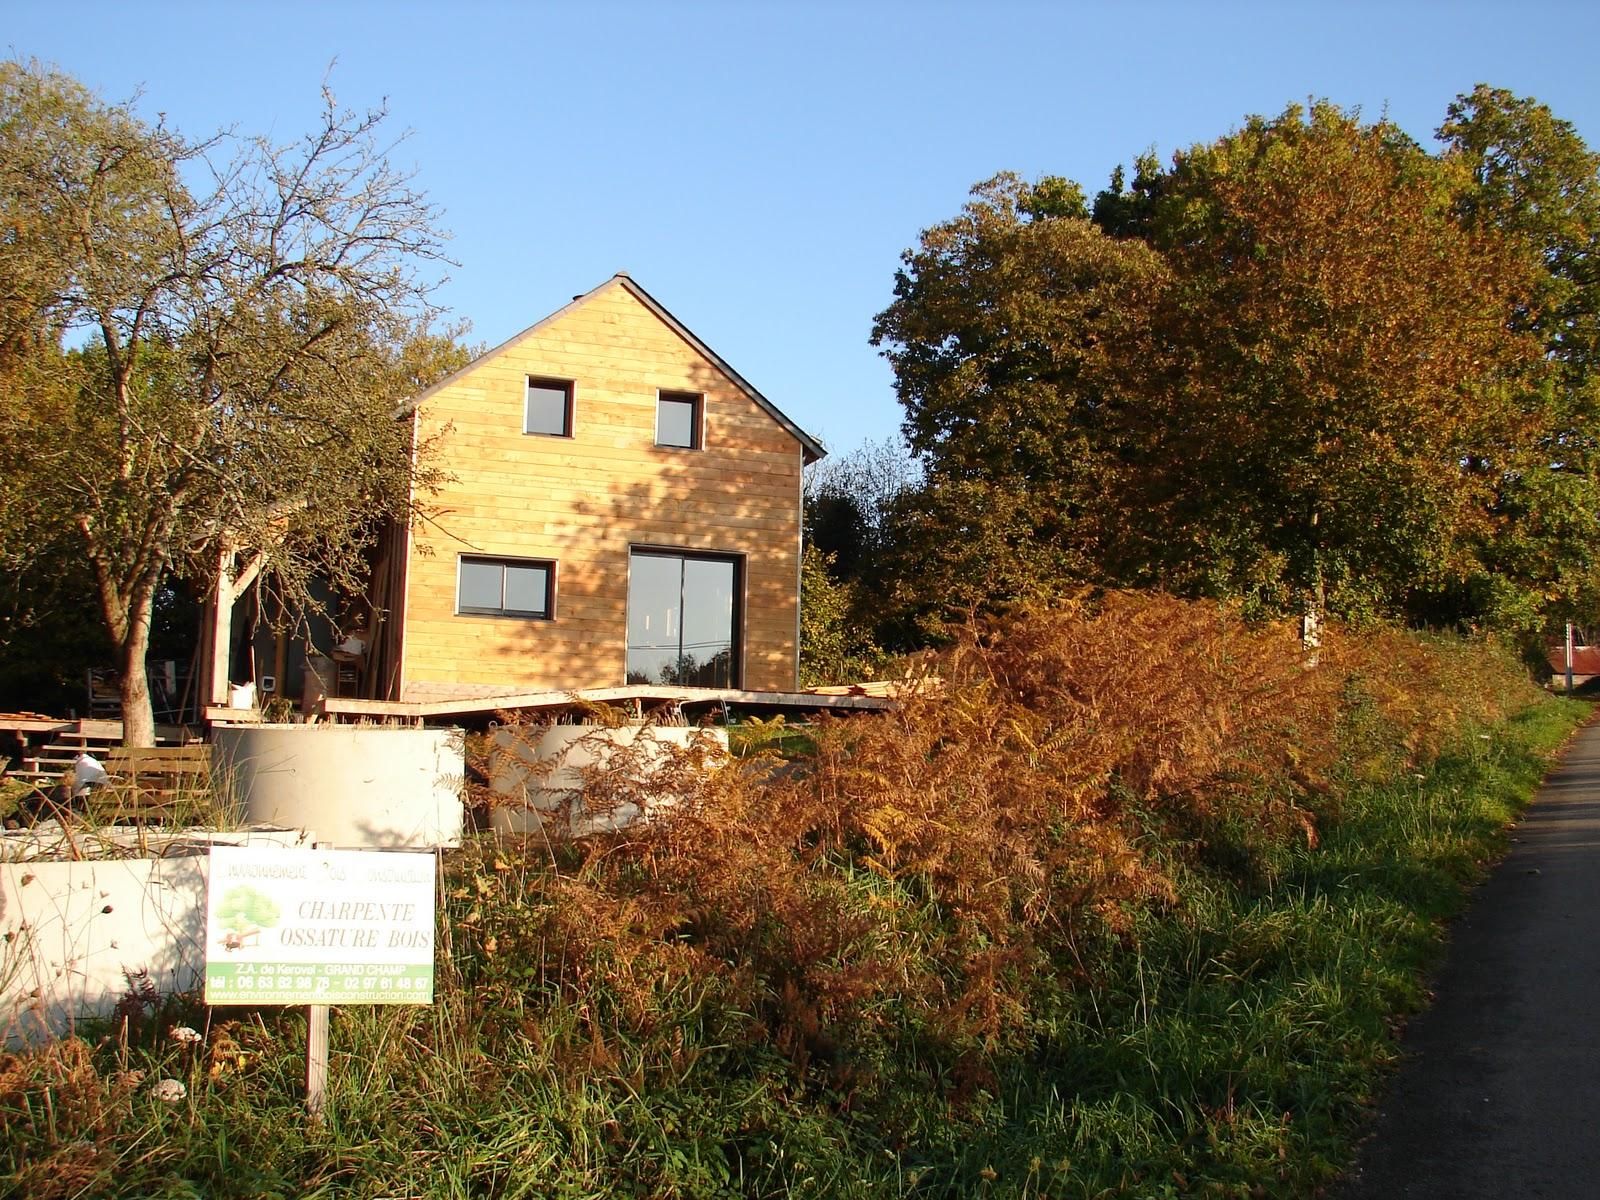 Habitat bois bardage ext rieur en c dre for Exterieur habitat 85